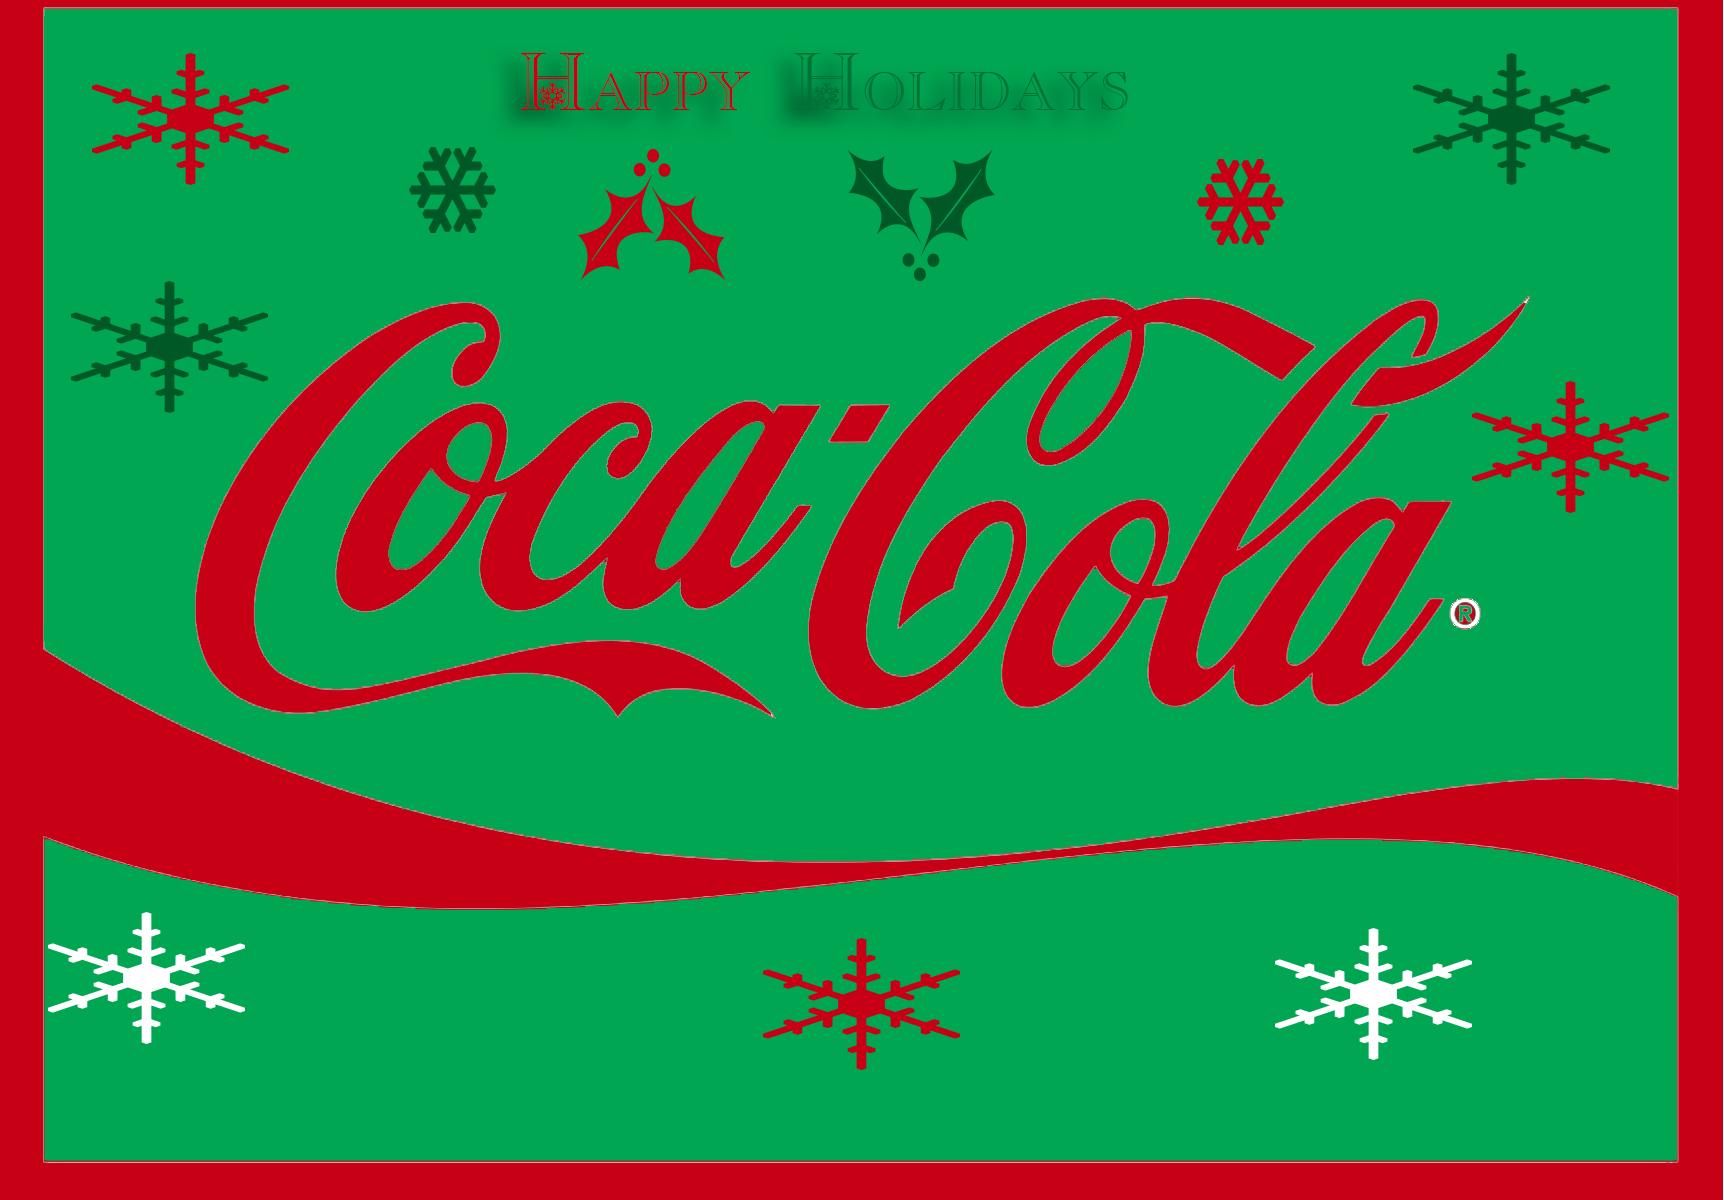 Coca-Cola Christmas Logo